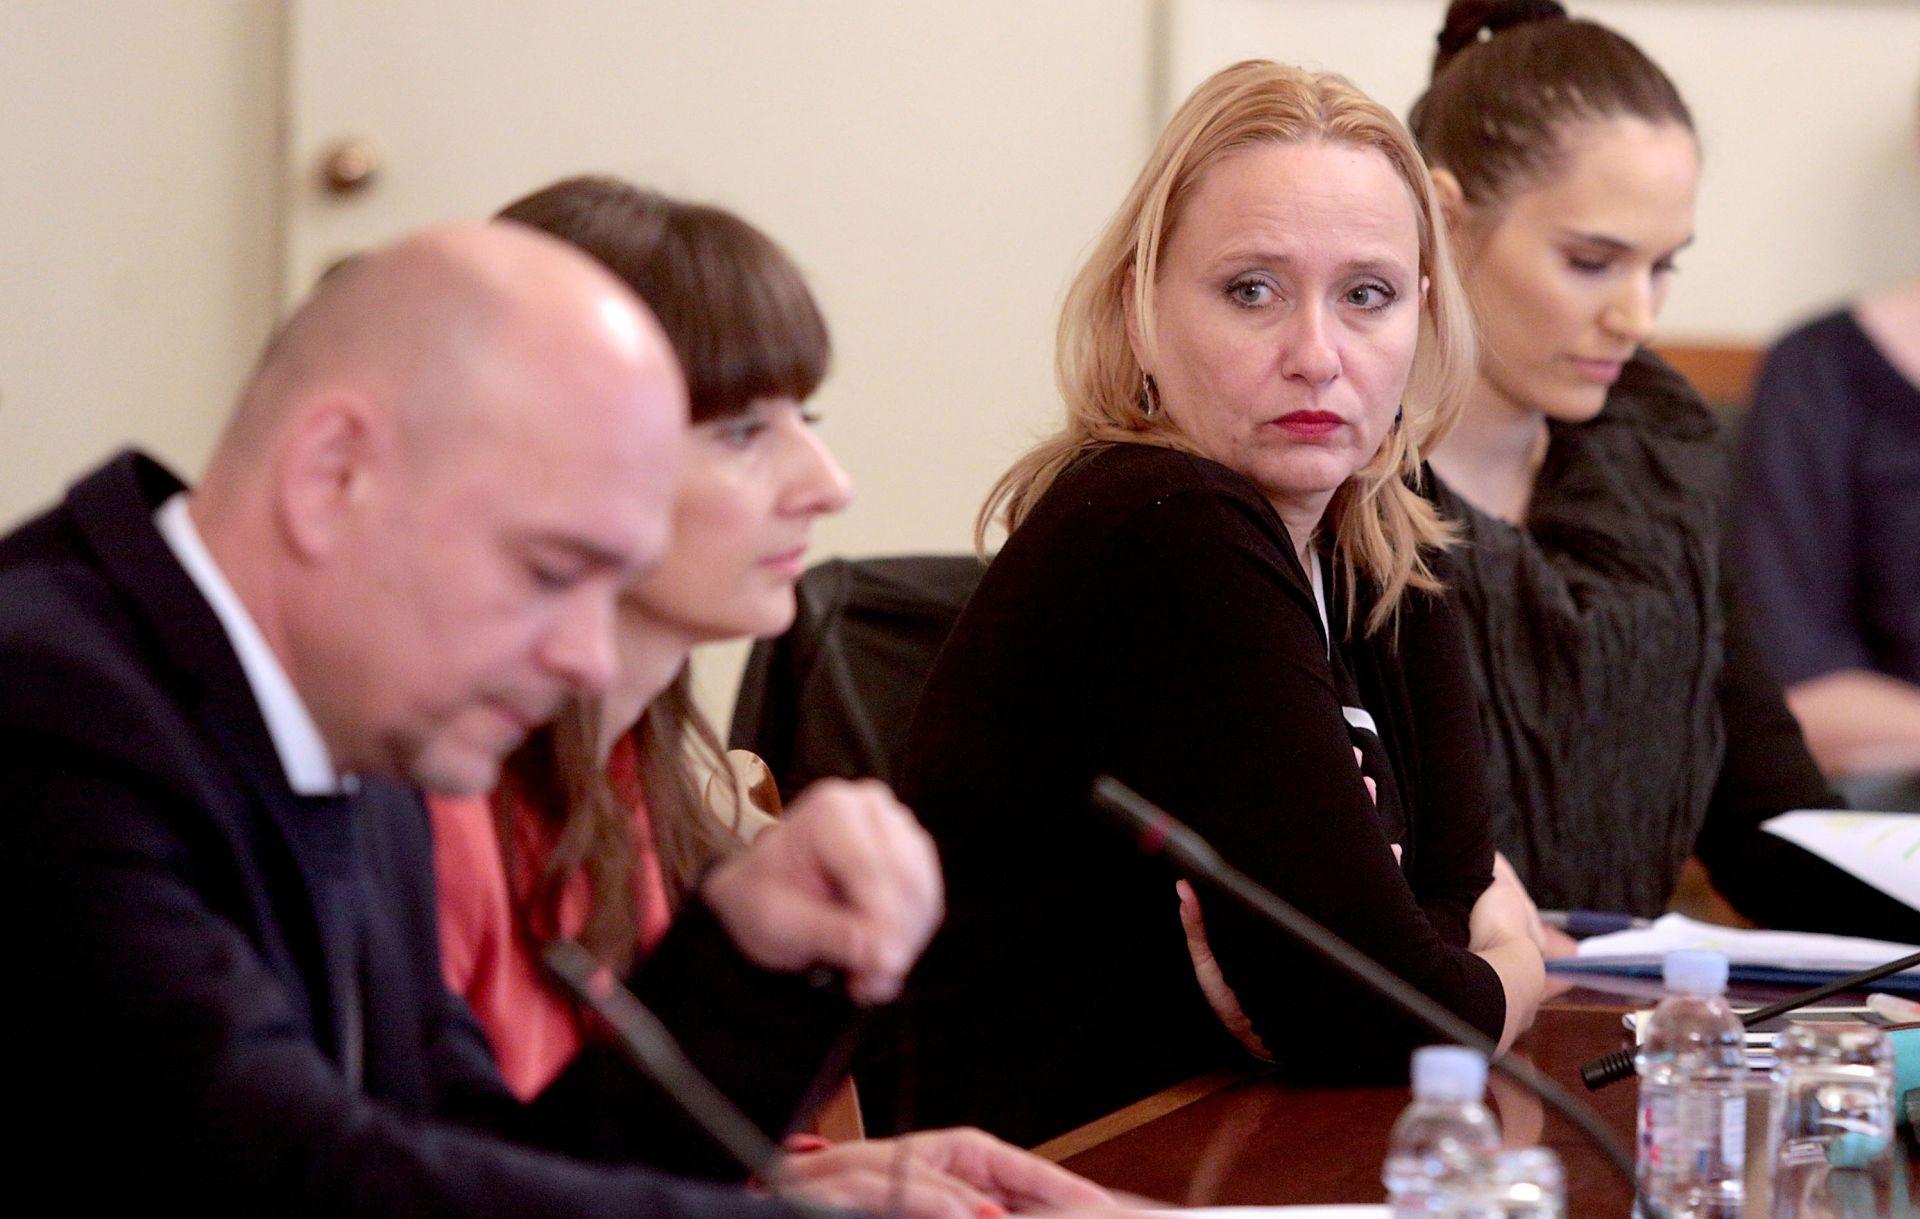 PRAVOBRANITELJICA VIDOVIĆ: 'Neprihvaćanje izvješća je politički pritisak na neovisnost institucije'